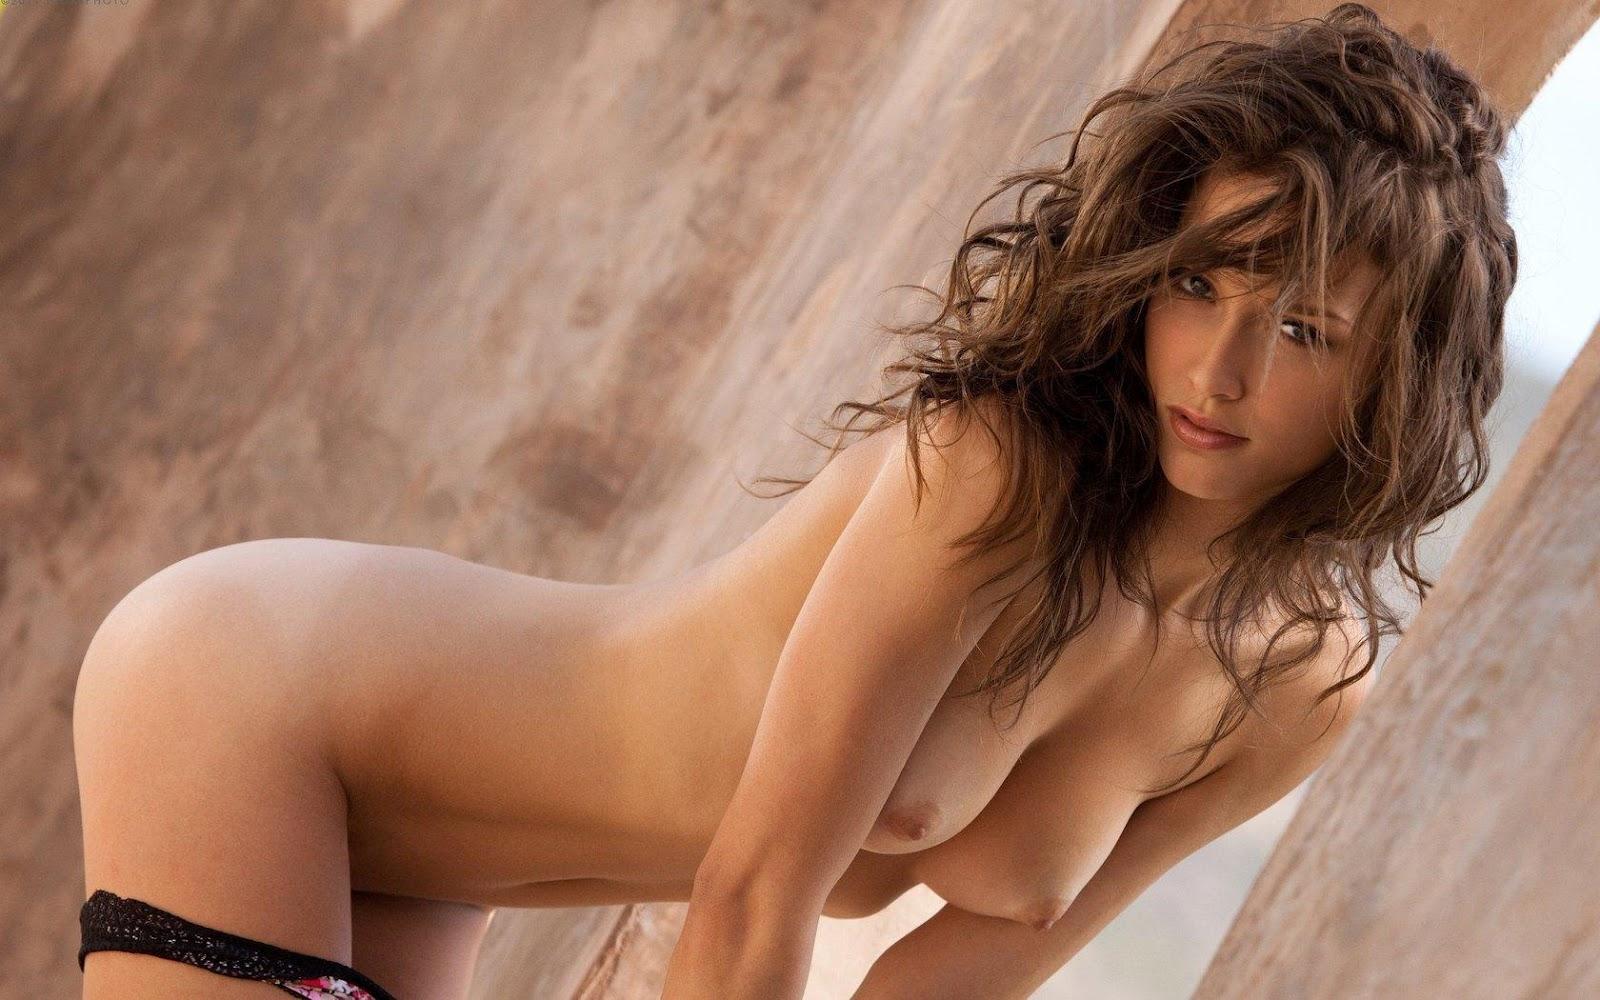 Комплексов красивые девушки раздеваются на фото дыхание